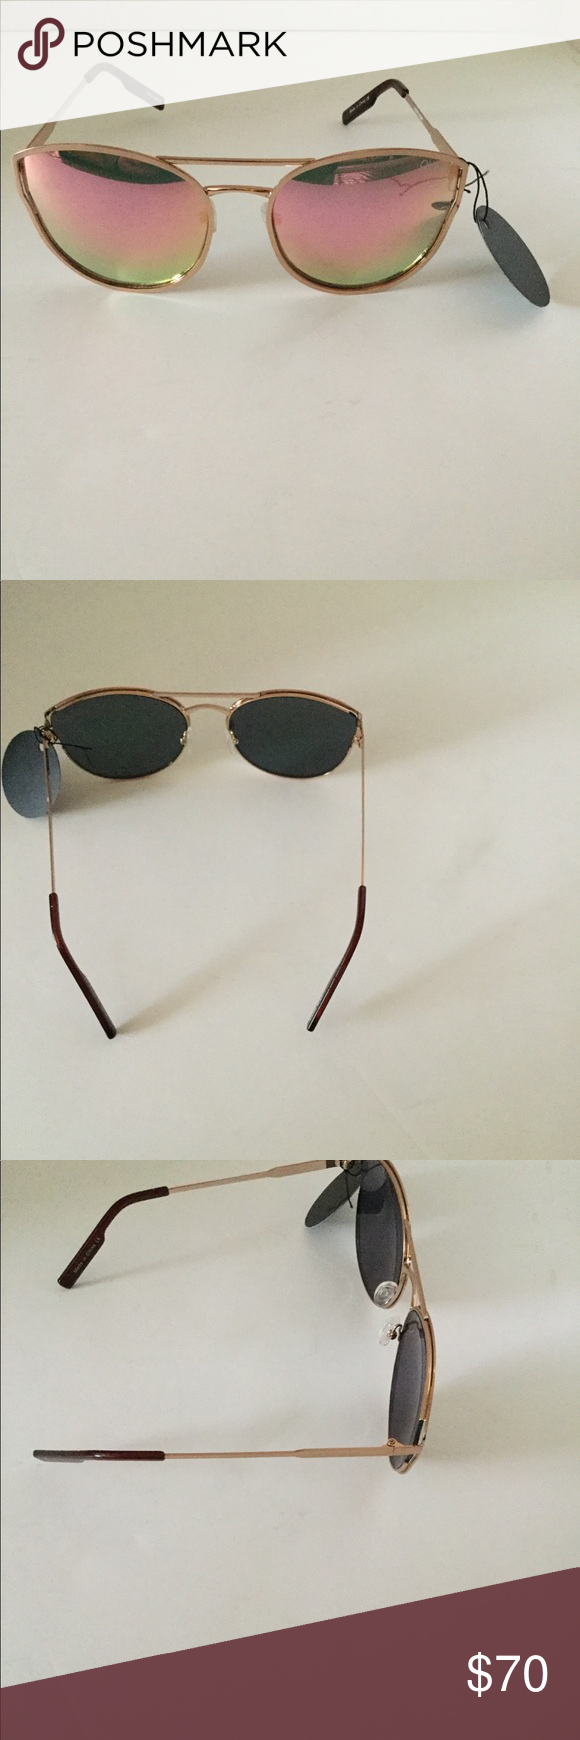 Quay Australia sunglasses 100% authentic NO TRADES   Quay